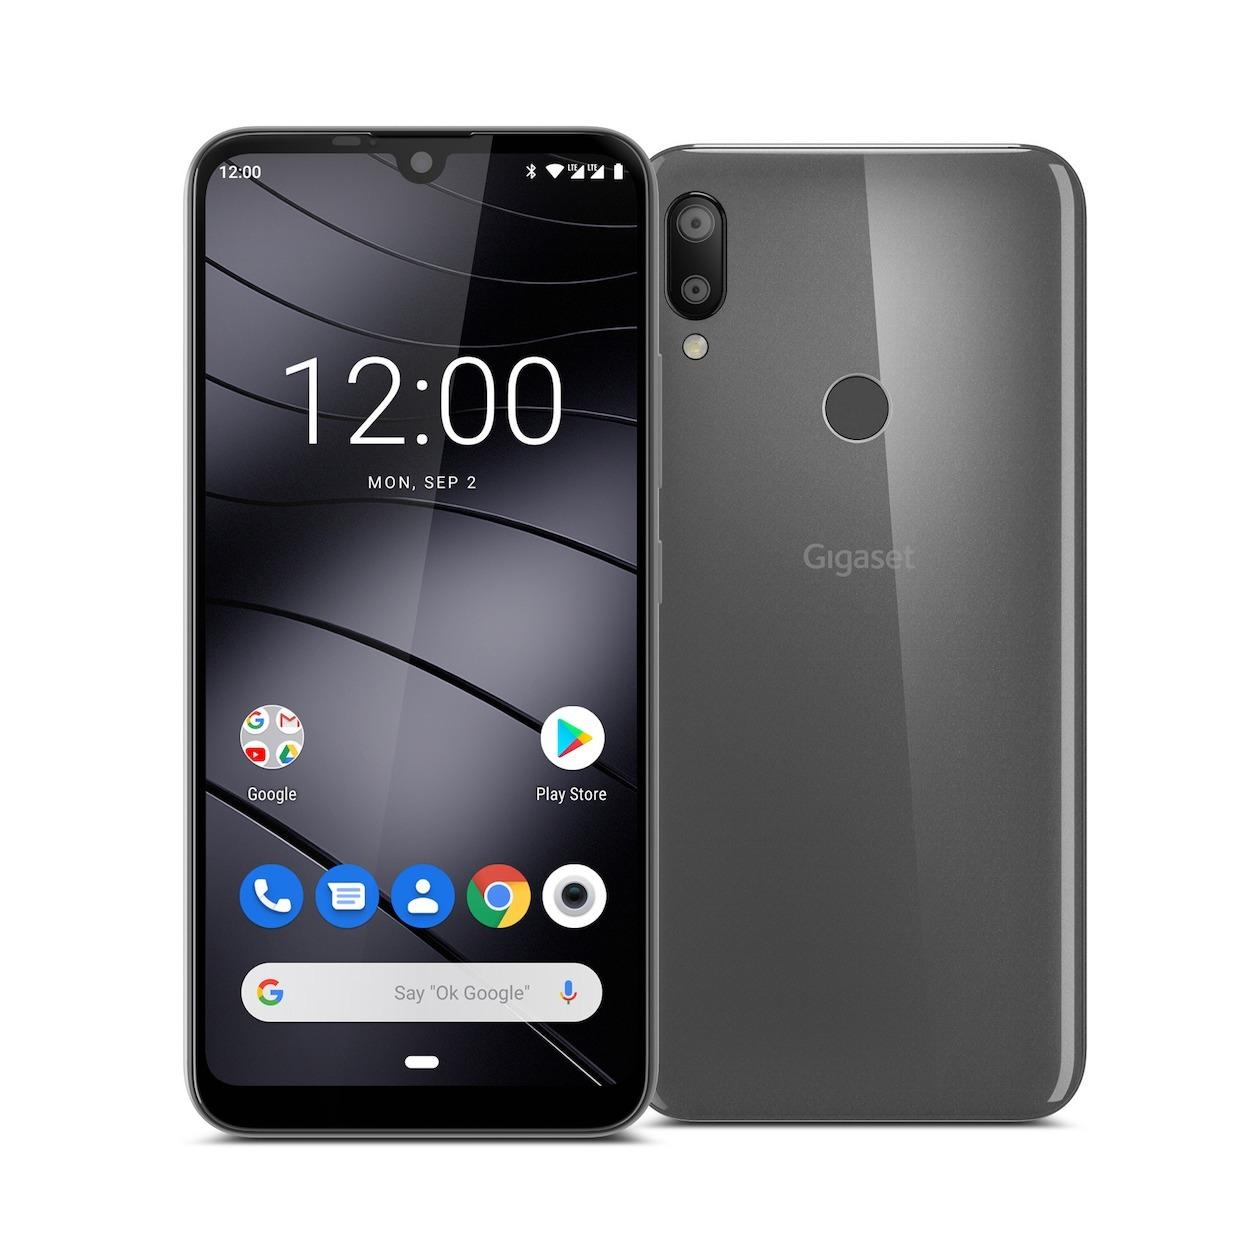 Gigaset smartphone GS190 32GB grijs